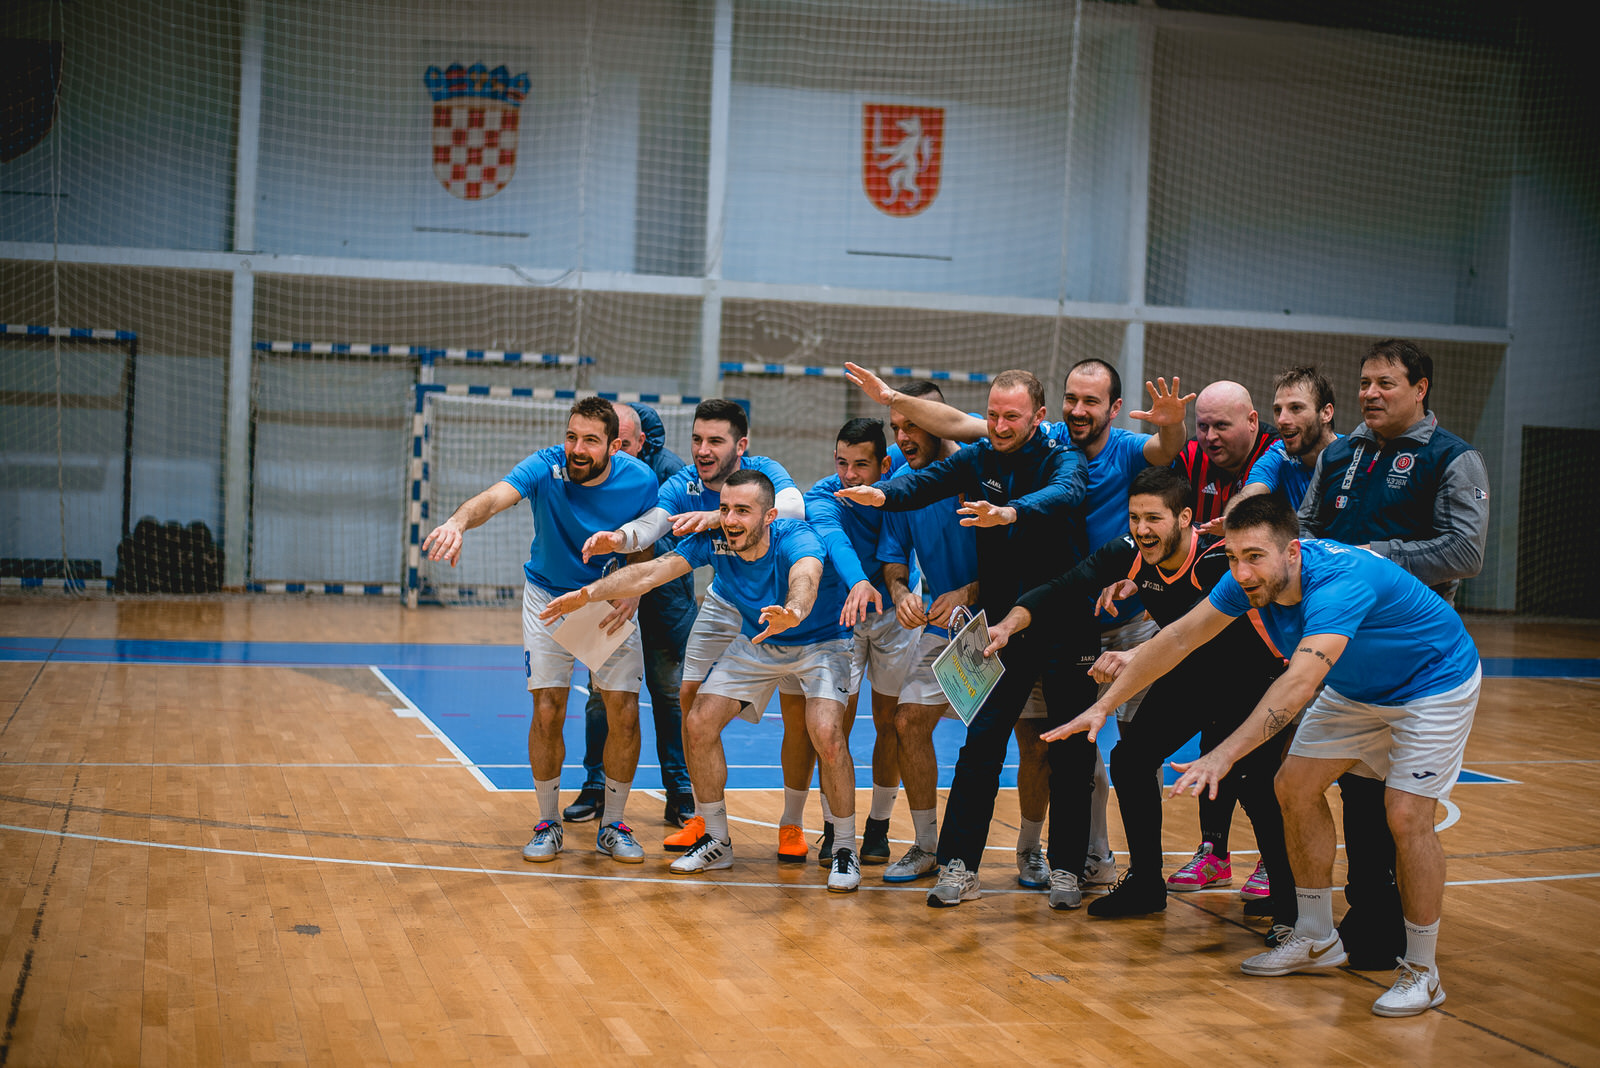 likaclub_gospić_zimski-malonogometni-turnir-2018-19-110